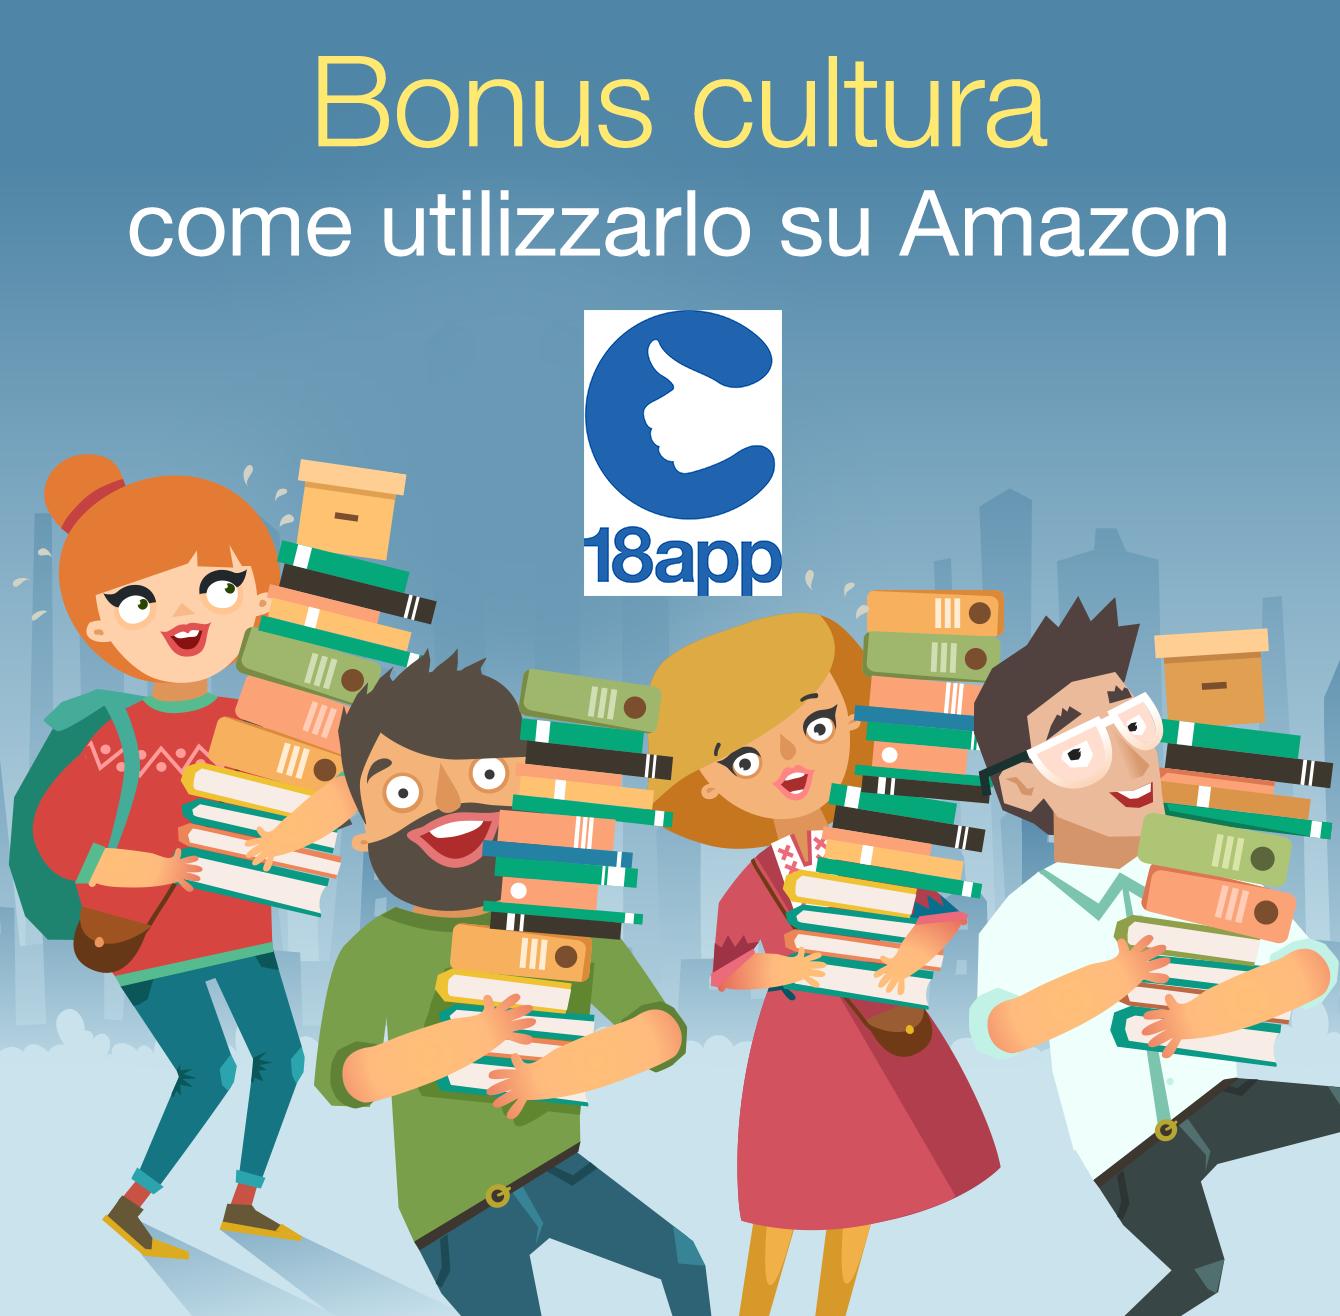 Bonus cultura come utilizzarlo su Amazon